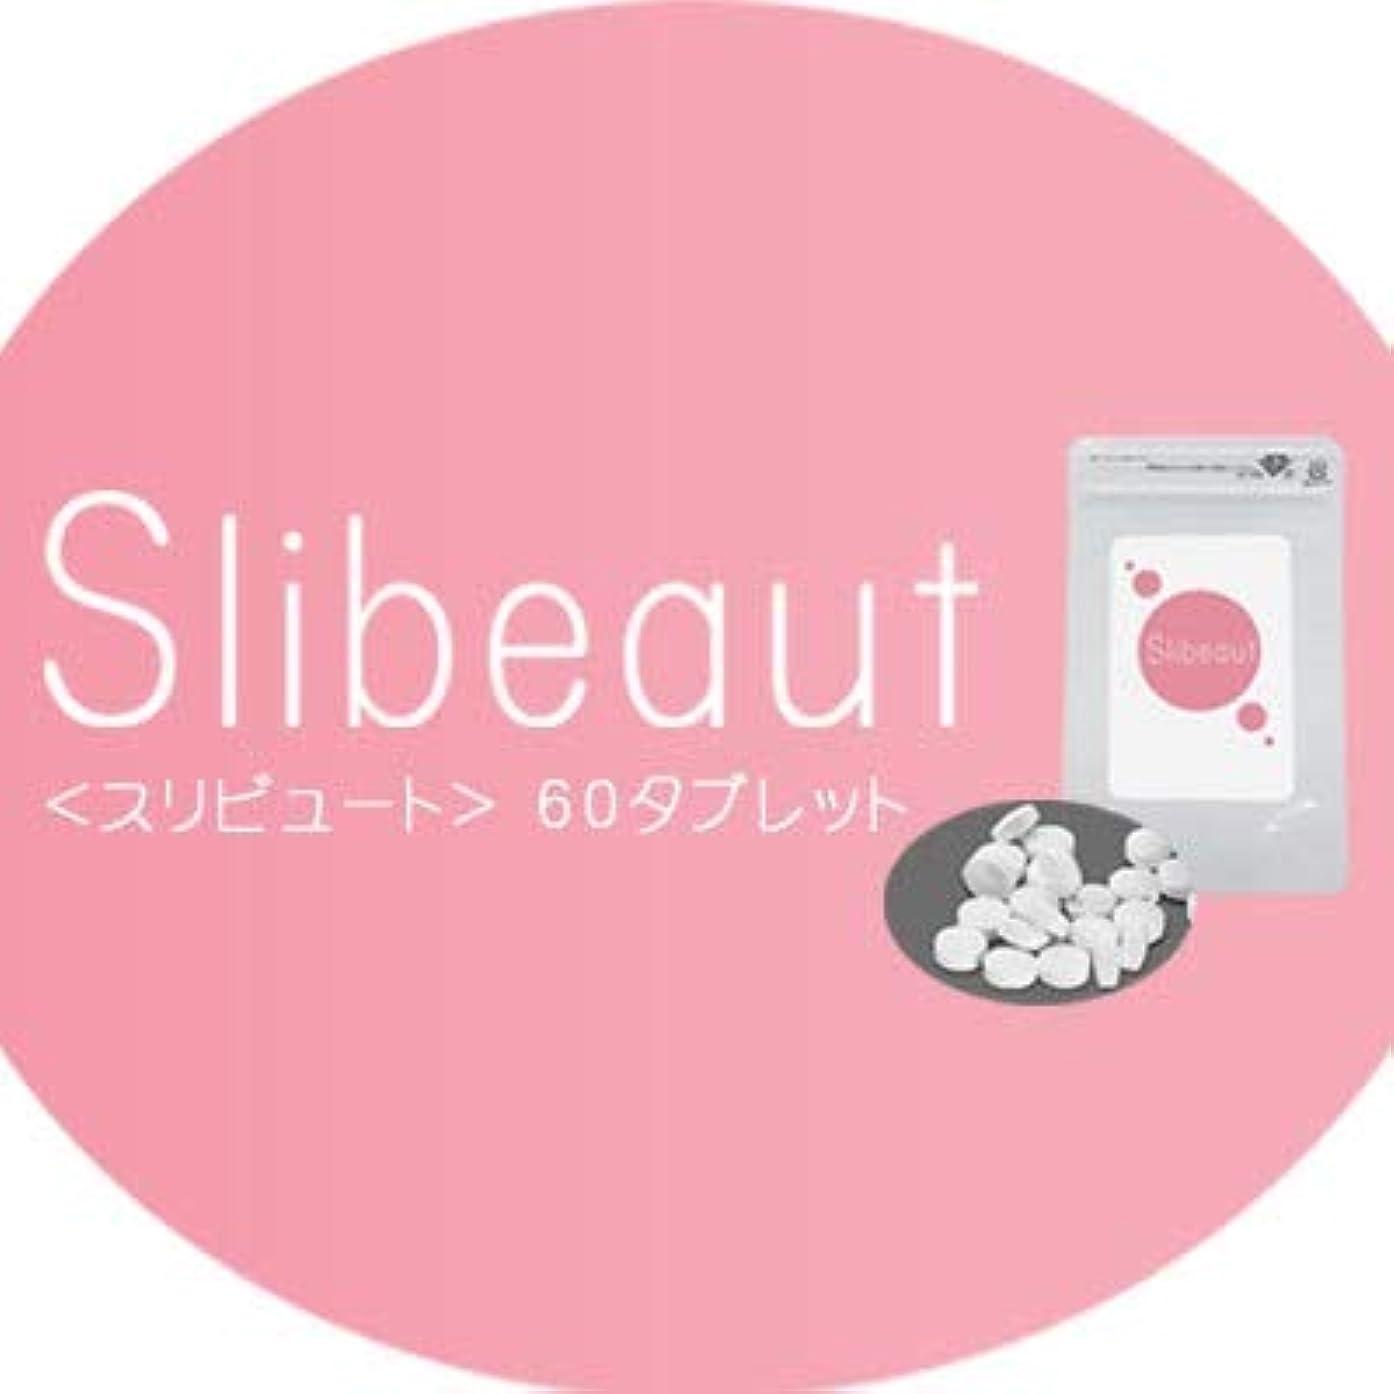 口径請求断片Slibeaut(スリビュート)~ダイエットサポートサプリ~